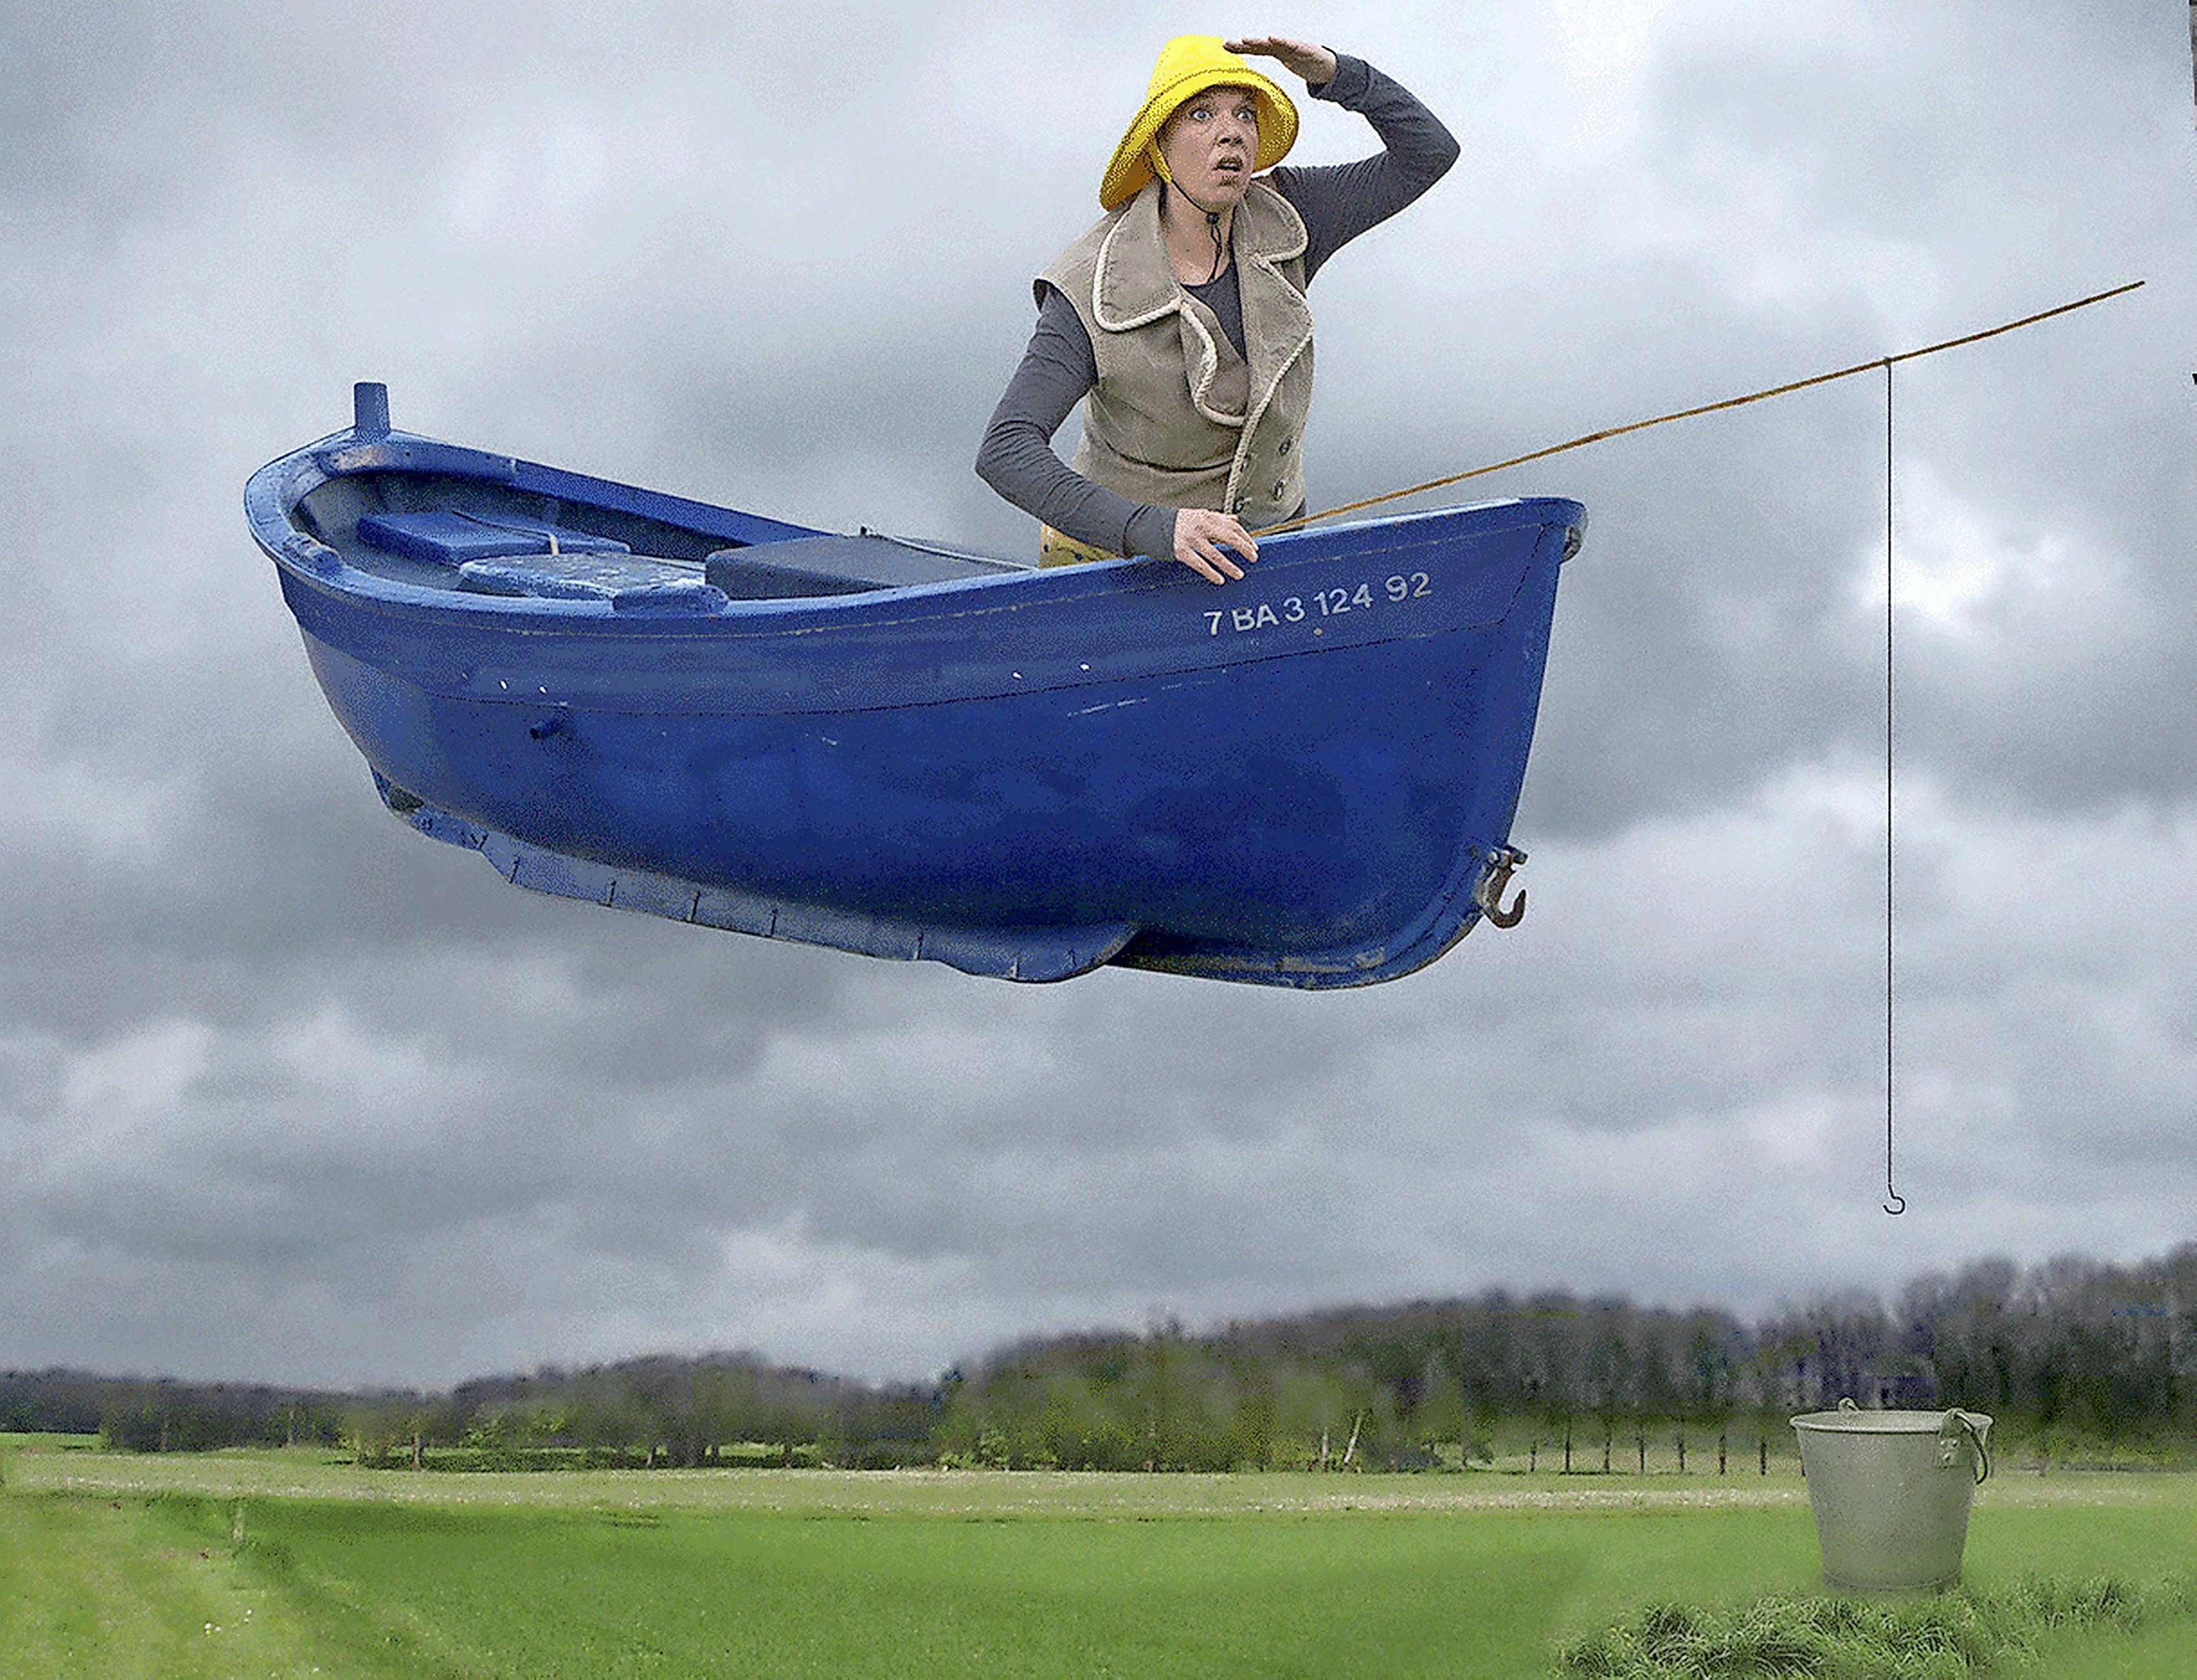 Vaartocht van twee vissers door stad en land. Theaterstuk 'Boat' reist een maand door de regio Alkmaar. 'Met minder dan vijf mensen mag je een half uur op één plek optreden'